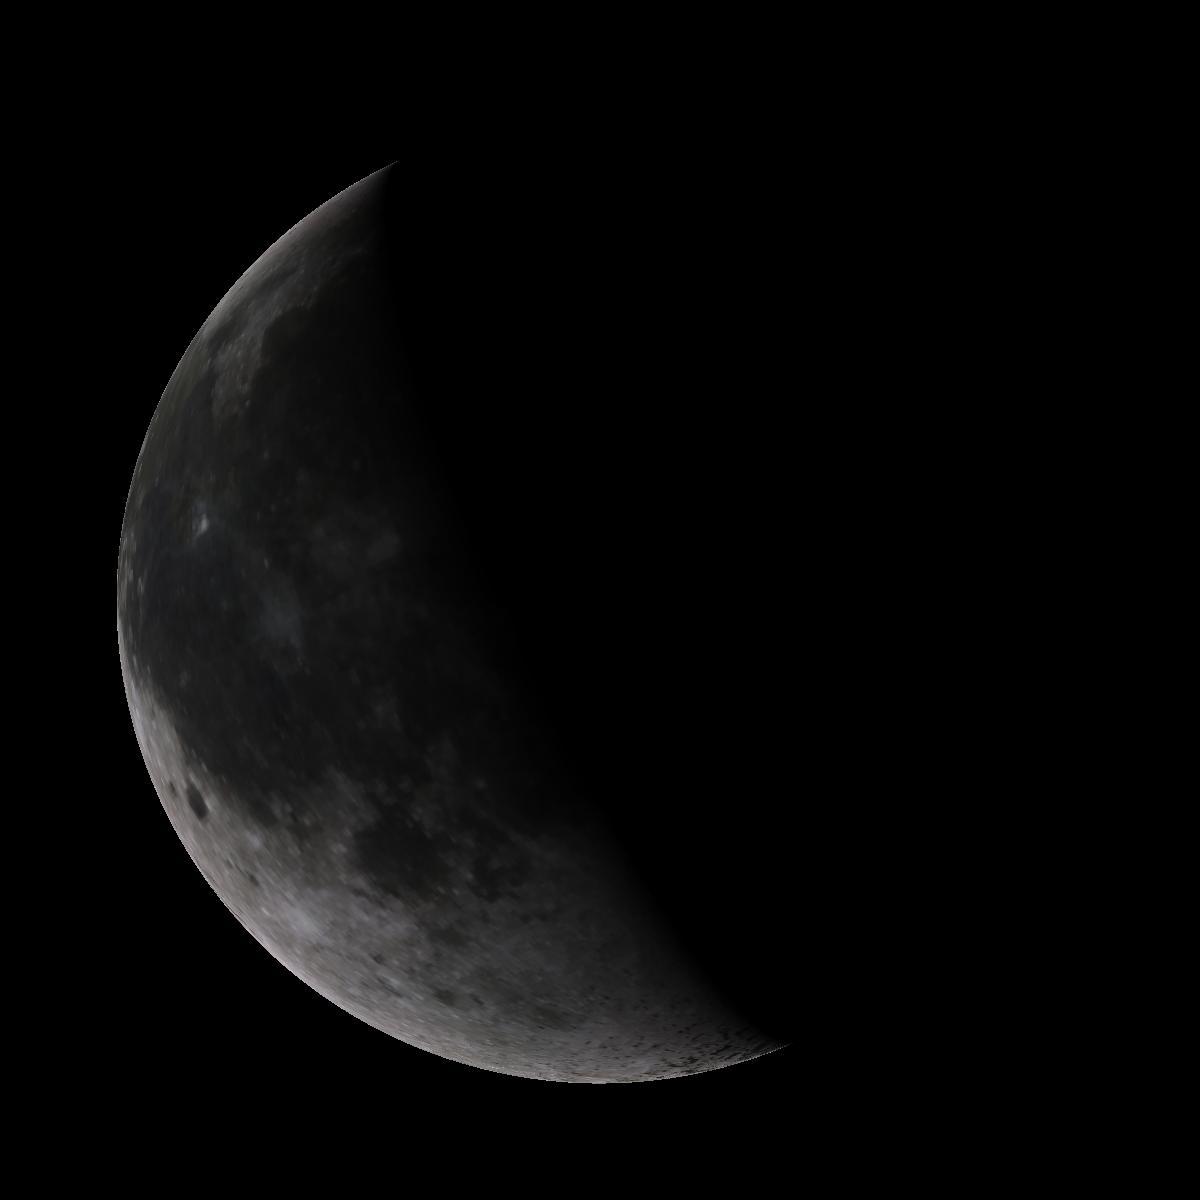 Lune du 20 décembre 2019